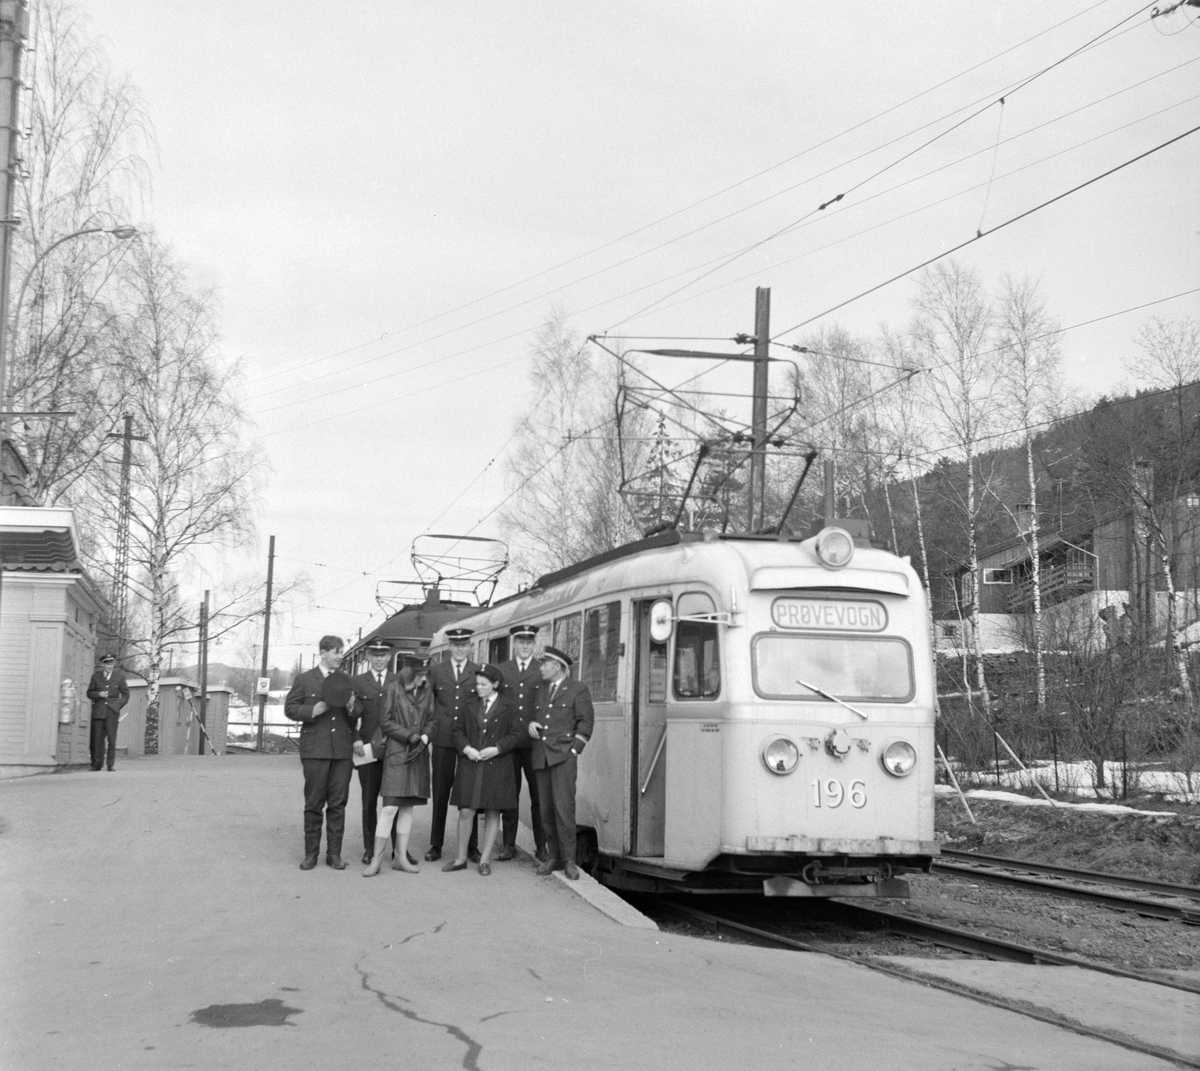 """Oslo Sporveiers """"Gullfisk"""" type B1 nr. 196 på Kolsås stasjon."""